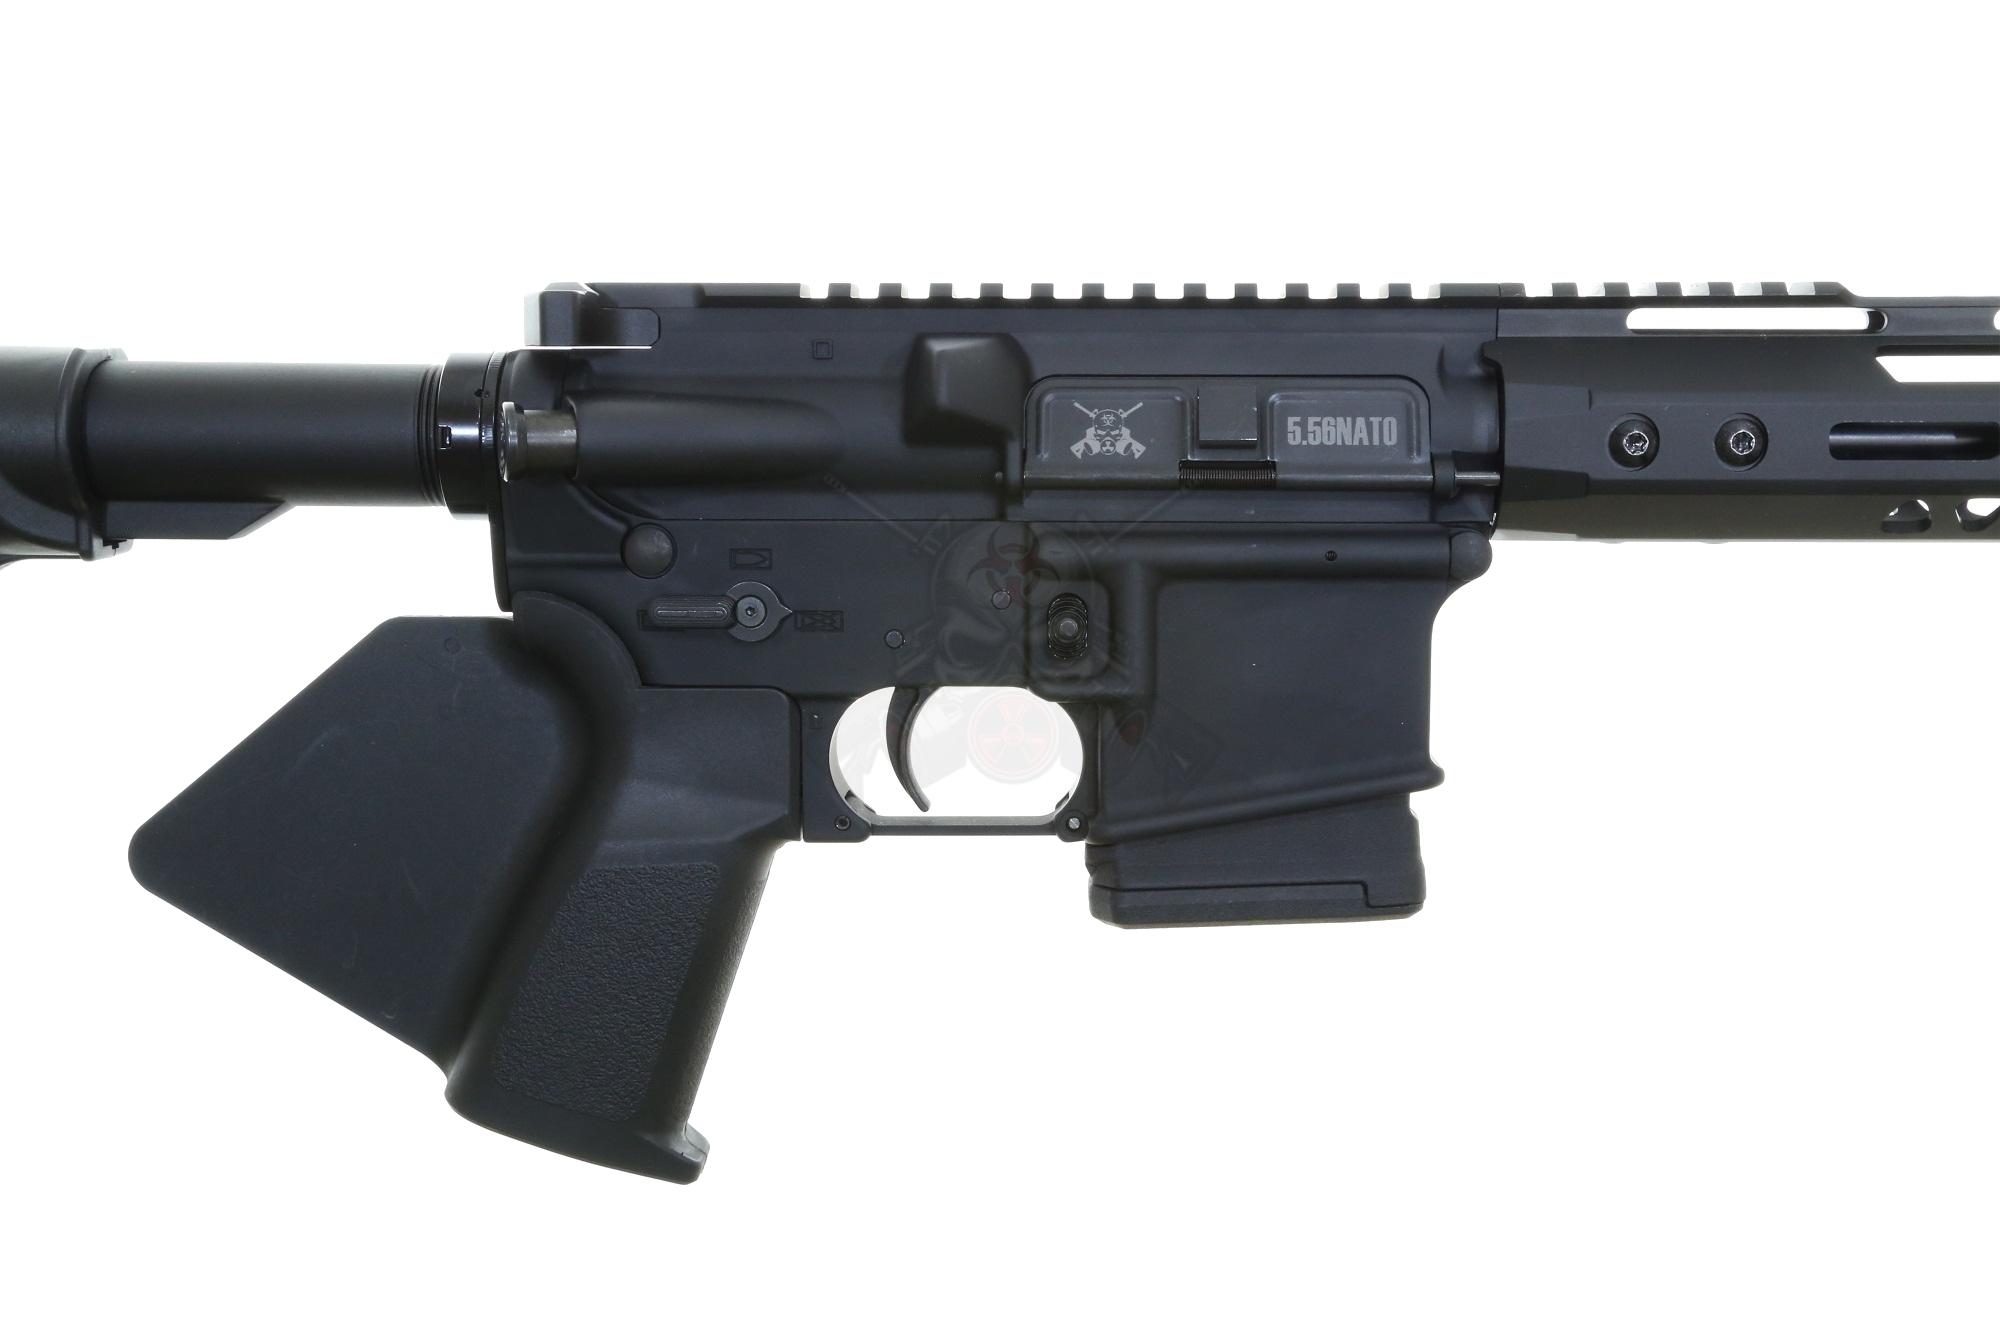 PGS15 AR15 - PGS MFG AR-15 16